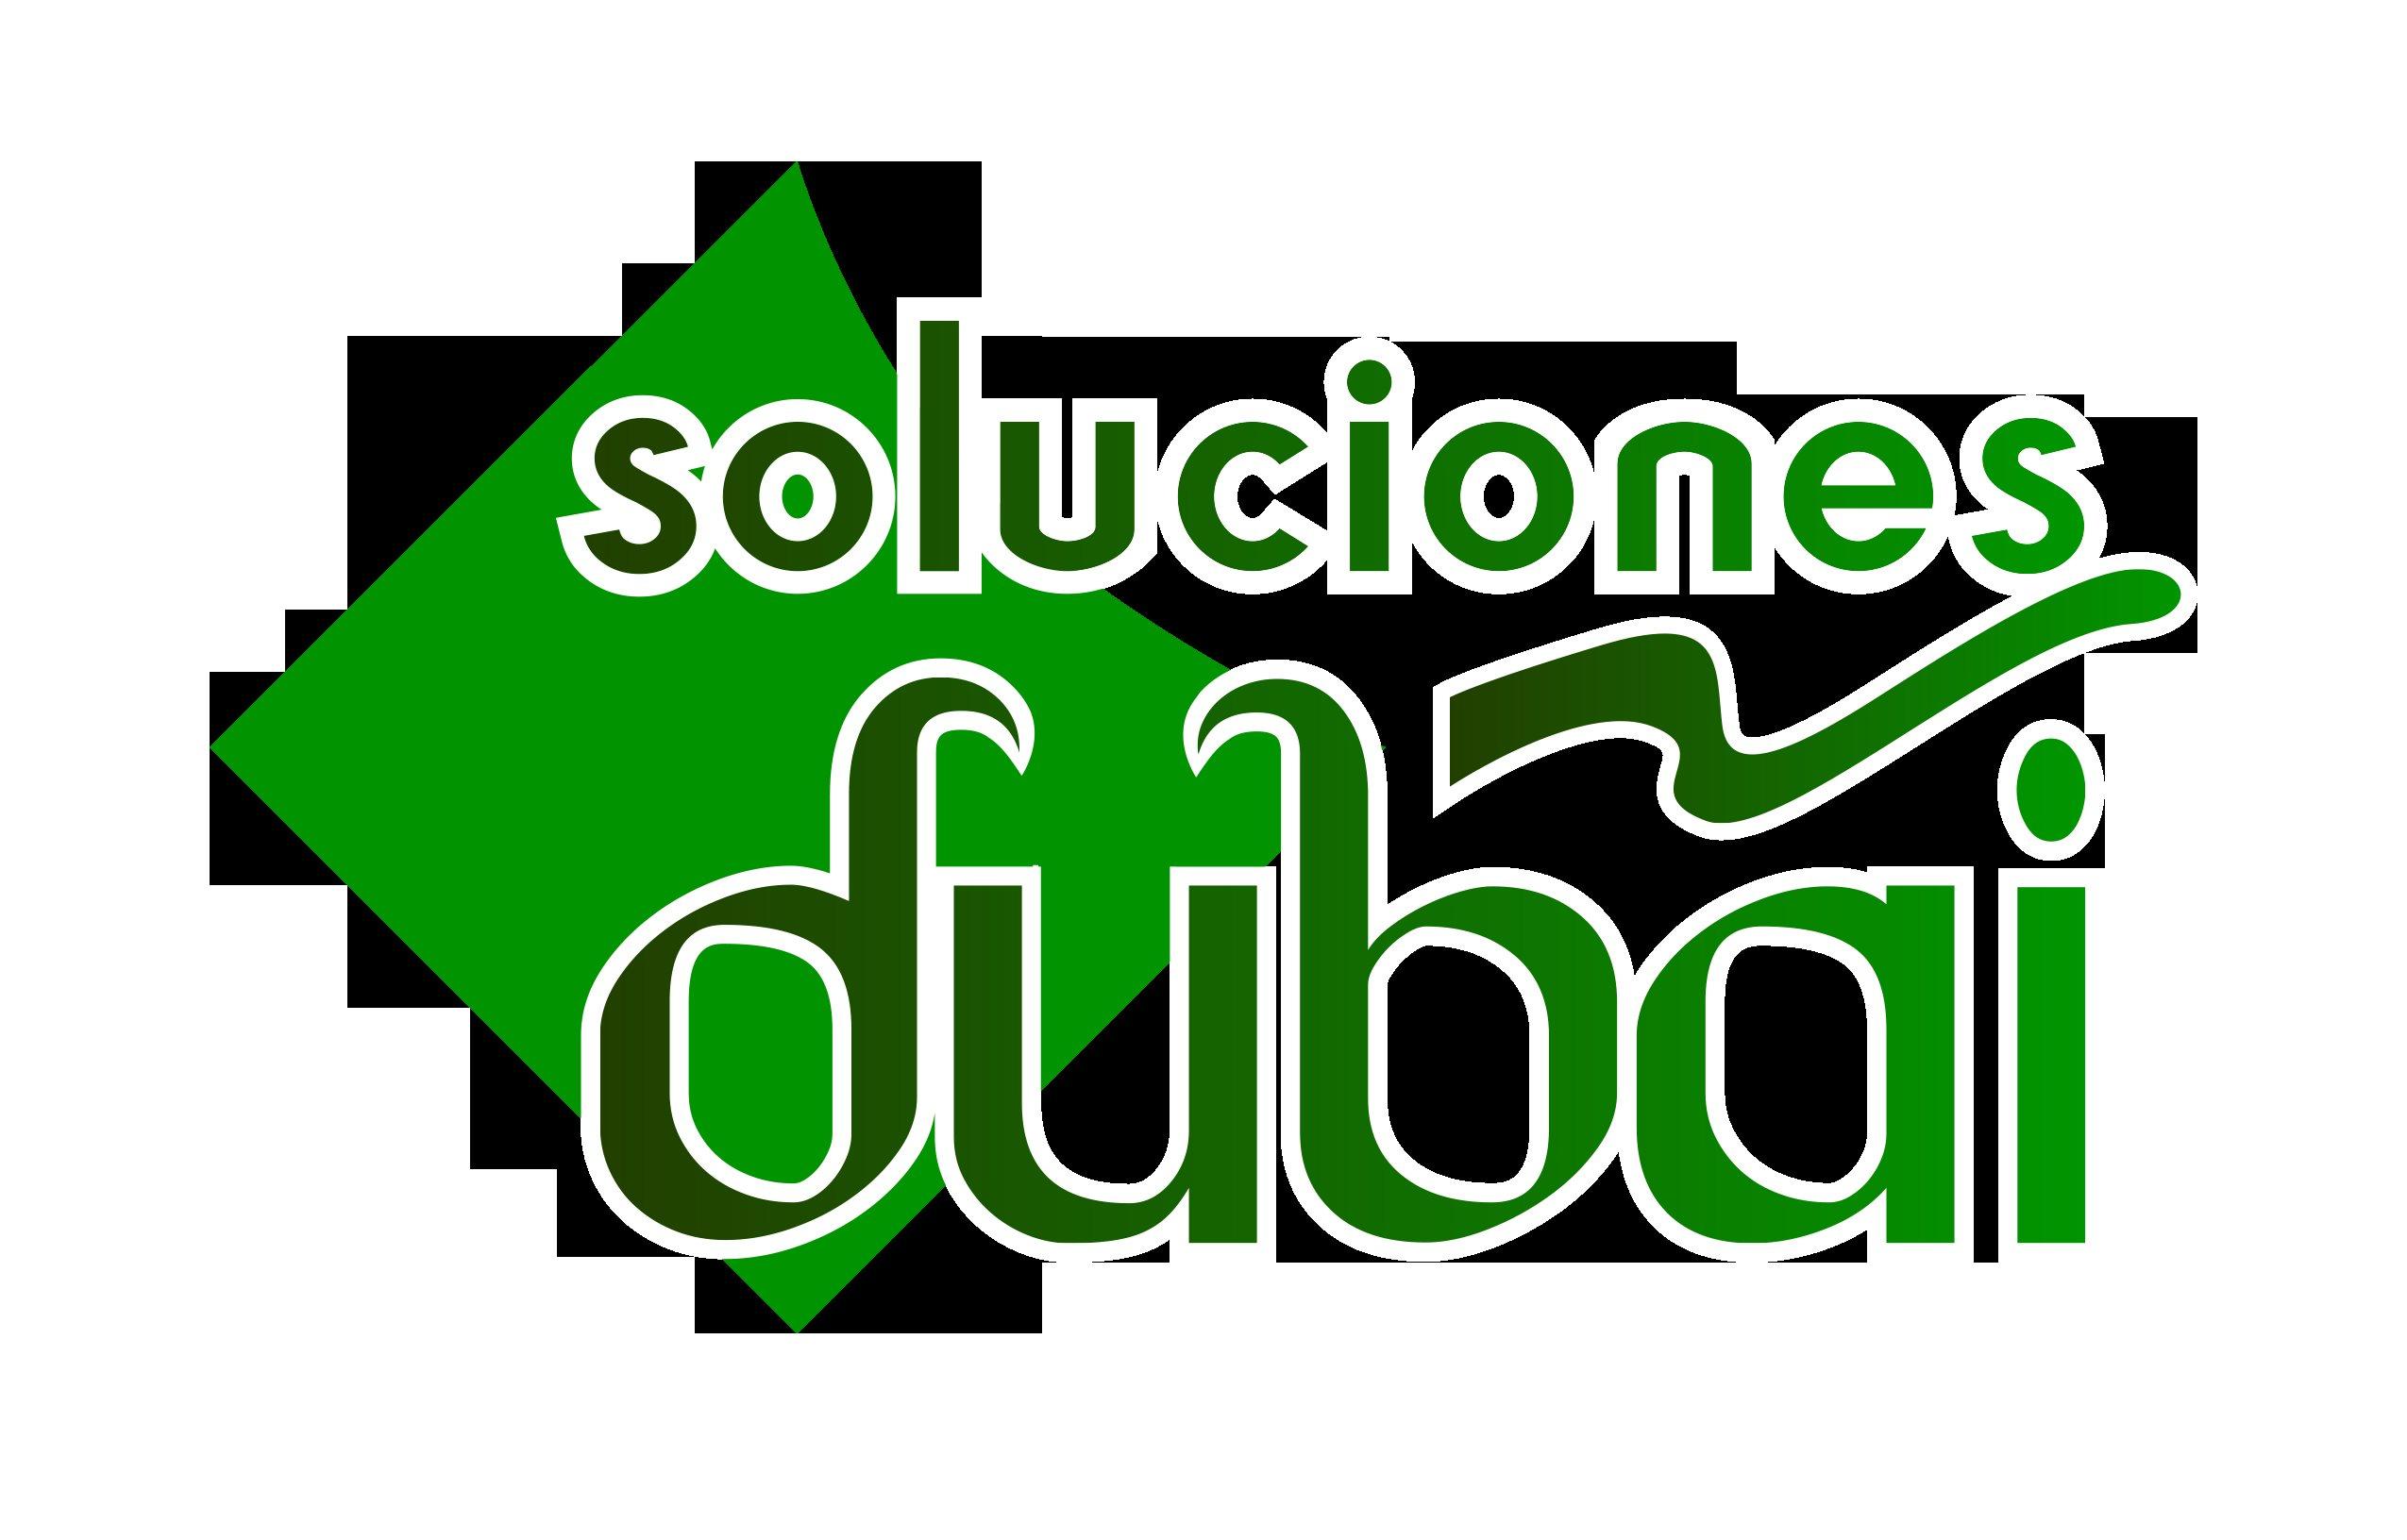 Soluciones Dubai,C.A